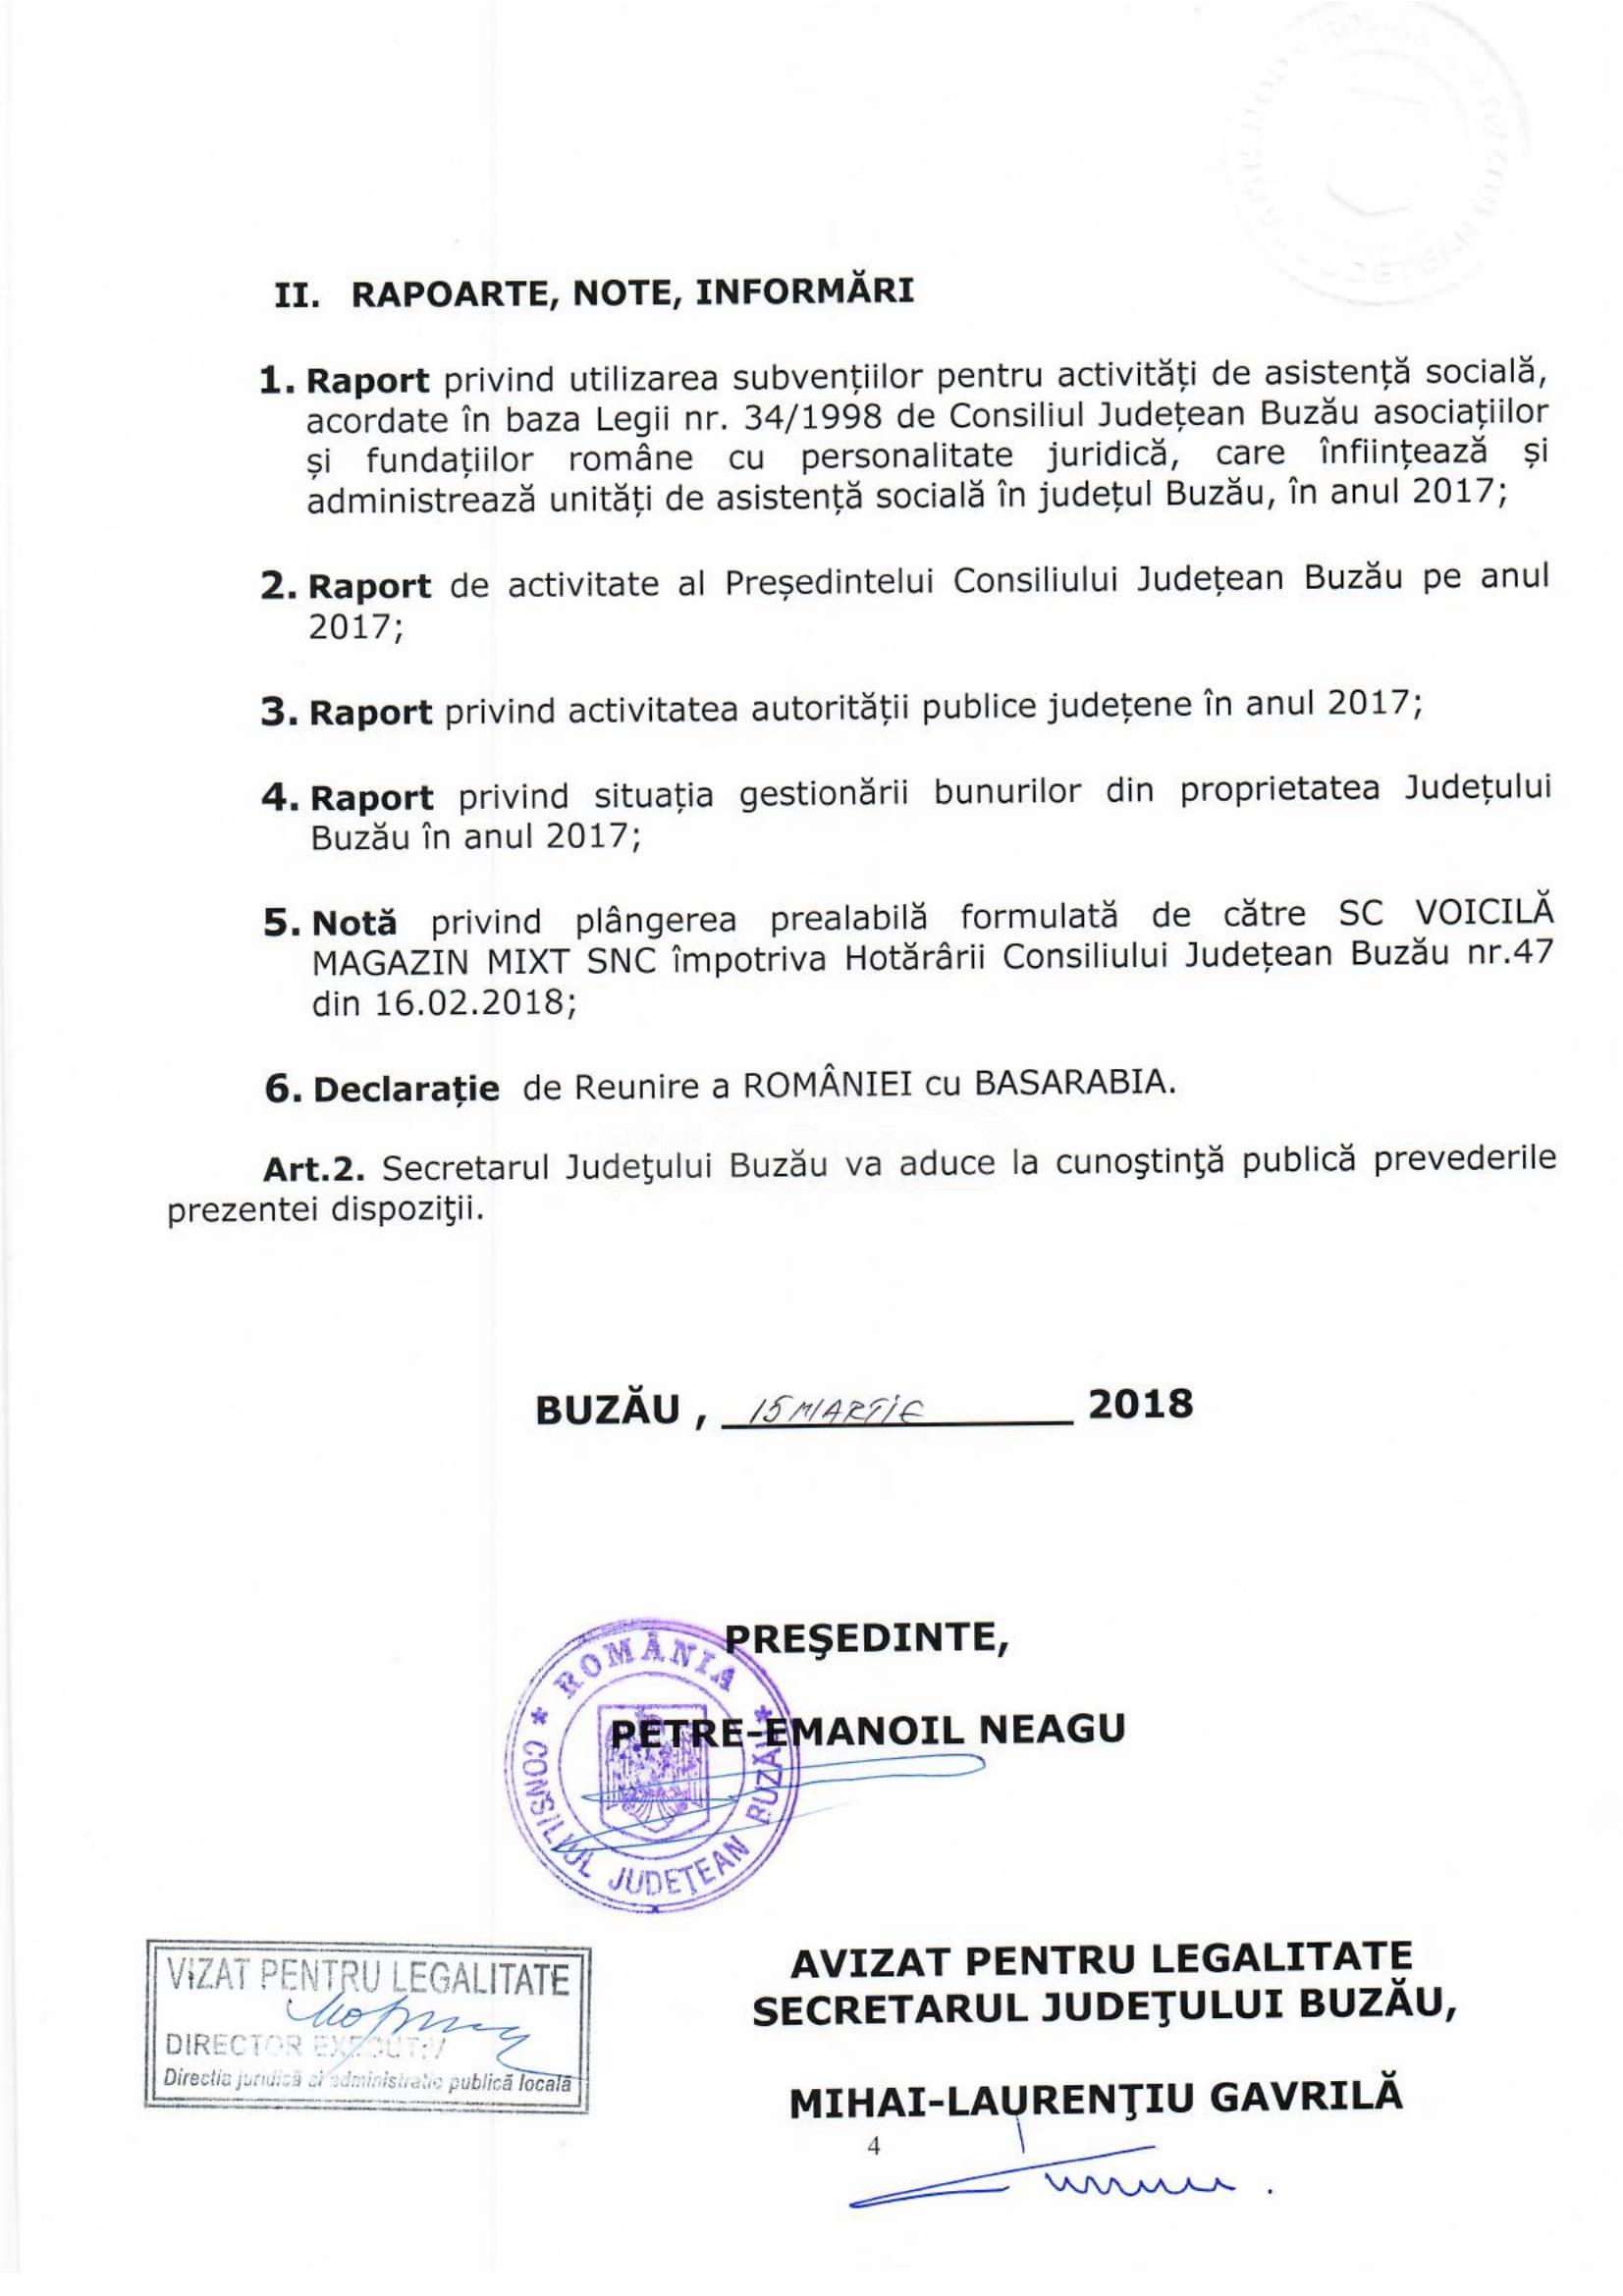 Dispoziția-de-convocare-nr.51-din-15.03.2018-4